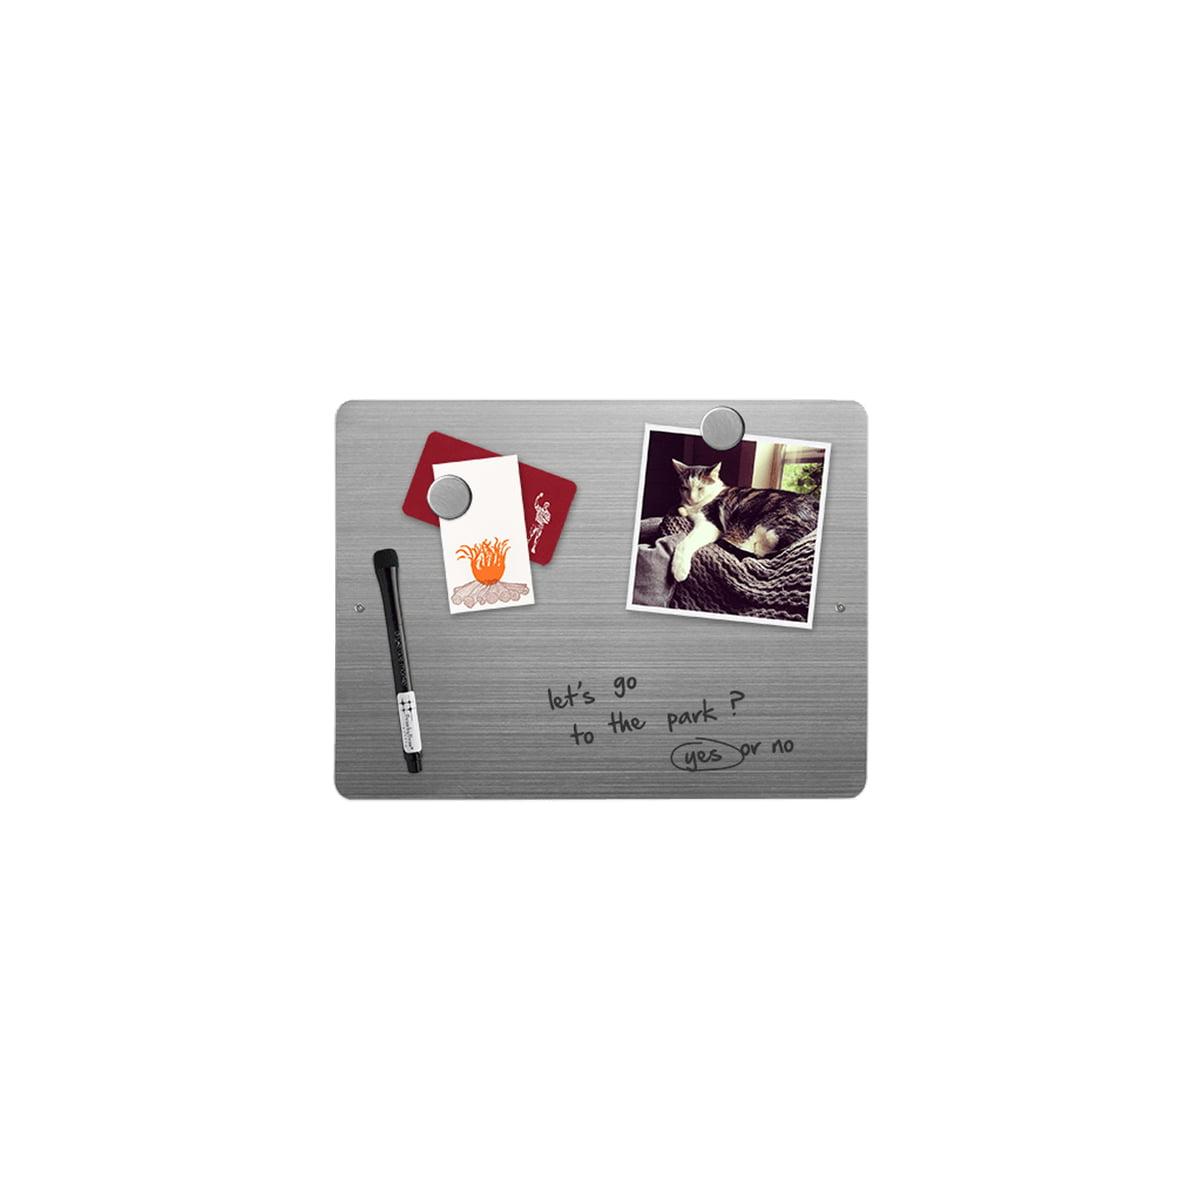 beschriftbare magnetwand von threebythree im shop. Black Bedroom Furniture Sets. Home Design Ideas